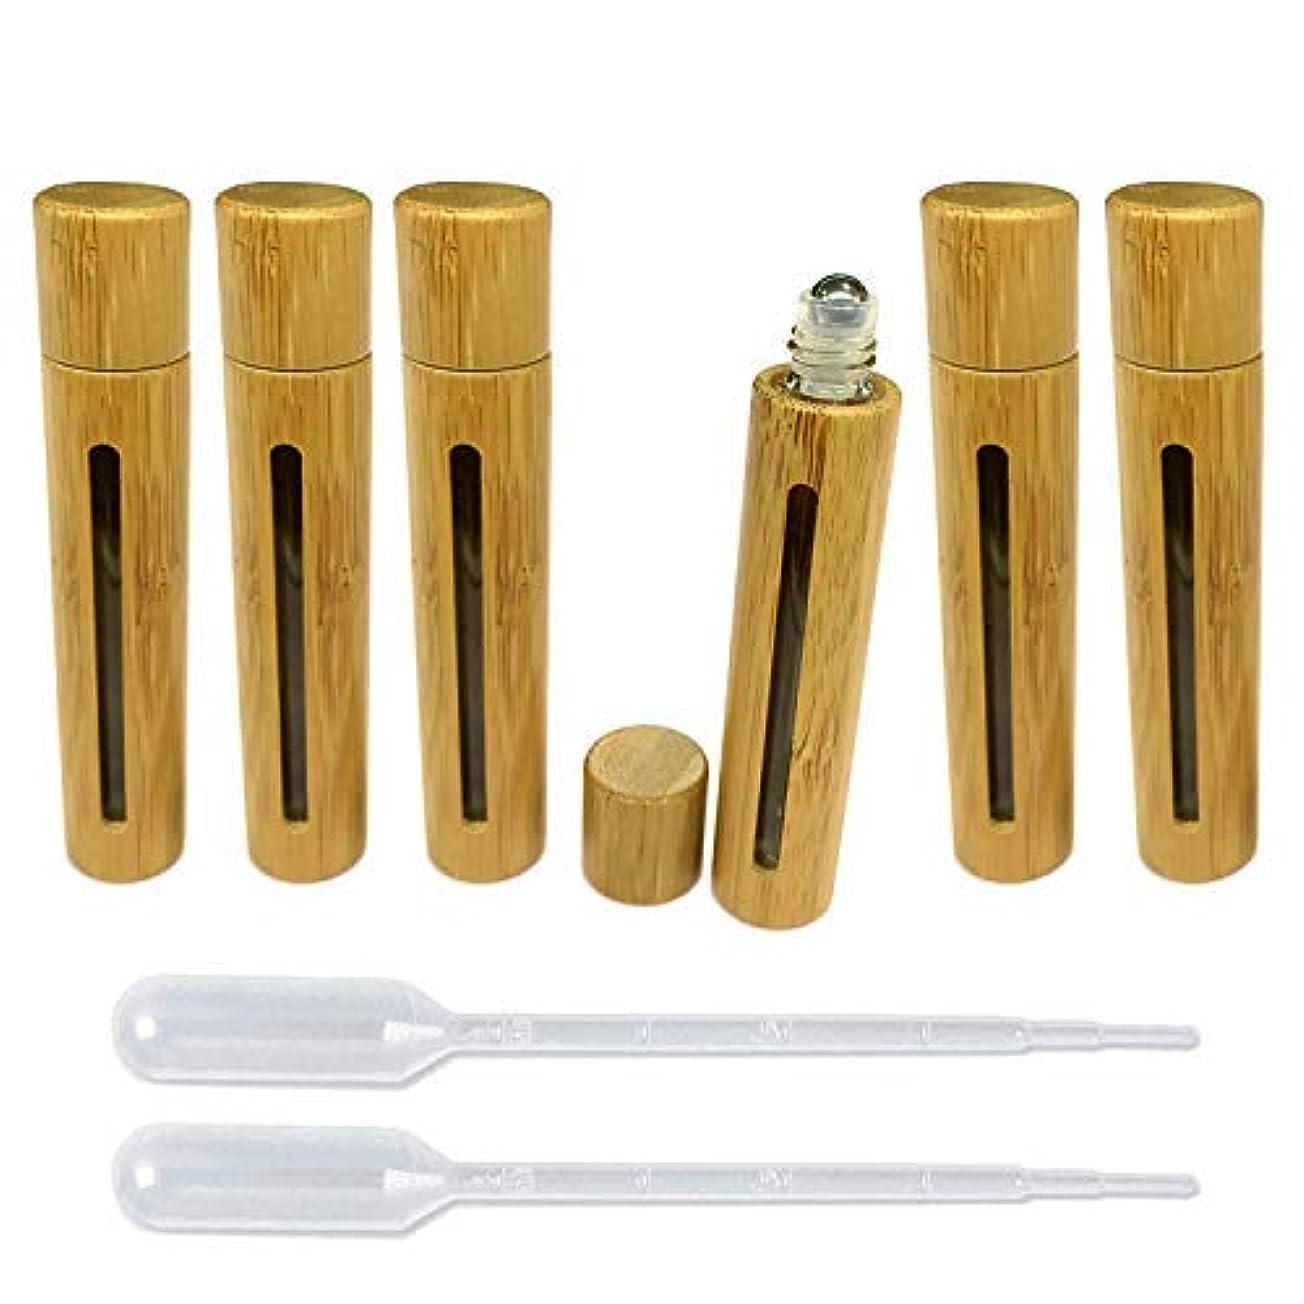 チーフアトラス白内障6 Pieces Roll On Bottles 10ml With Hollow Window Bamboo Shell Clear Glass Roller Bottles Empty Refillable Essential...